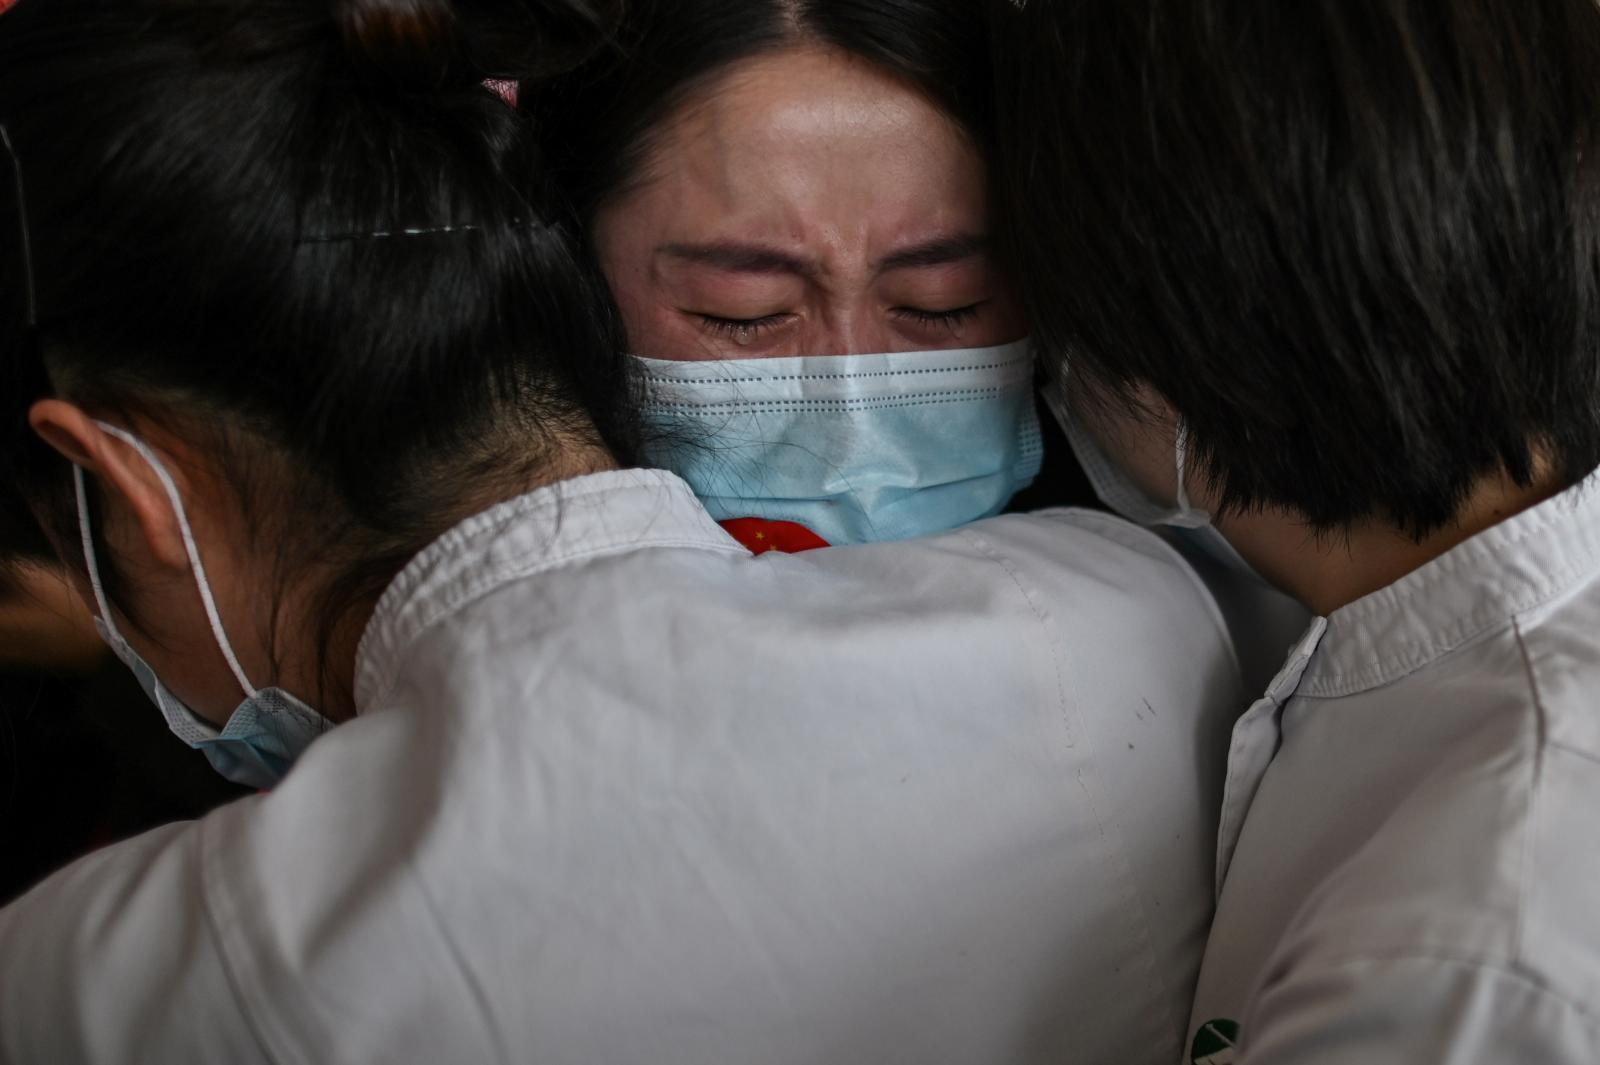 จีนพบผู้ติดเชื้อโควิด-19 สูงสุดในรอบ 1 เดือน